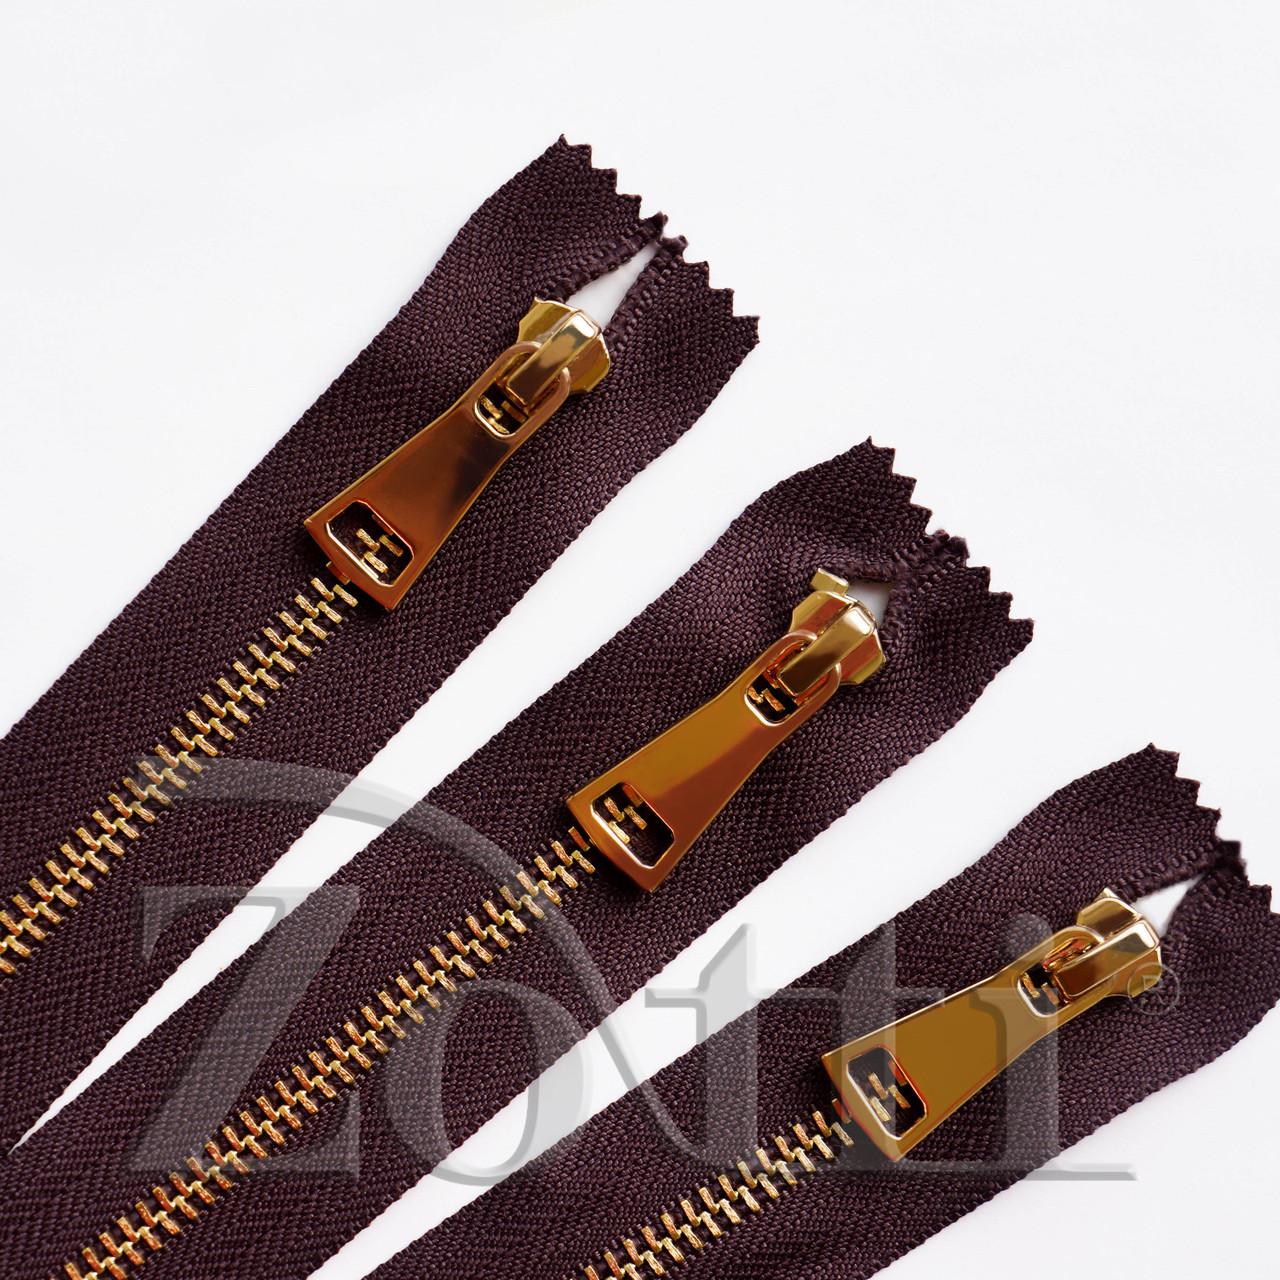 Молния (змейка,застежка) металлическая №5, размерная, обувная, коричневая, с золотым бегунком № 115 - 12 см